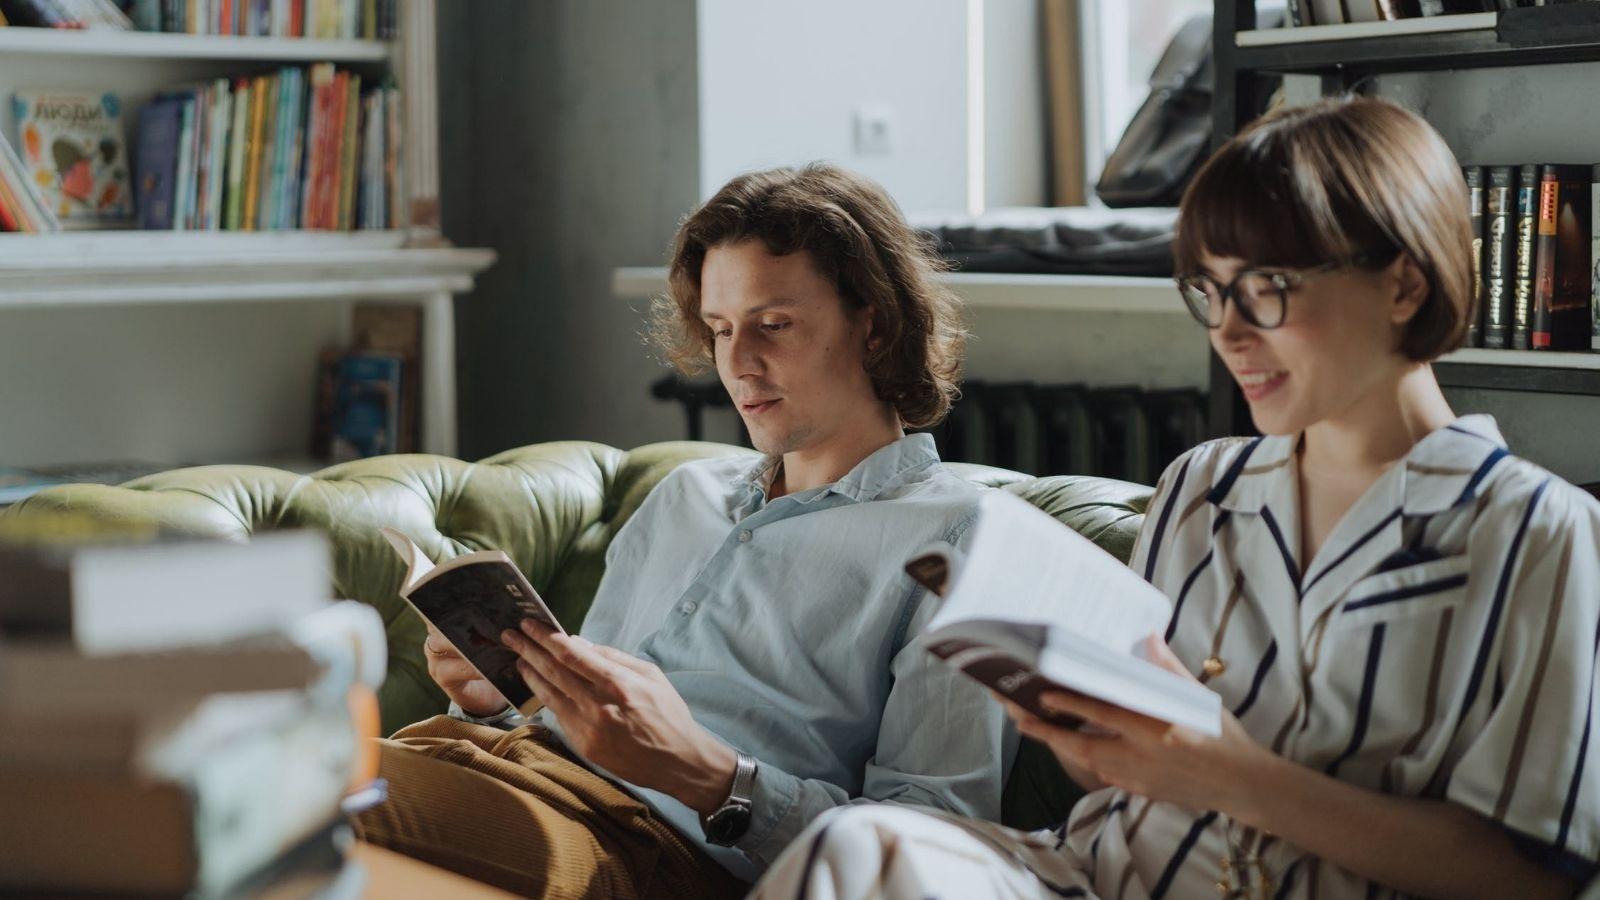 nam va nữ giới cùng nhau đọc sách